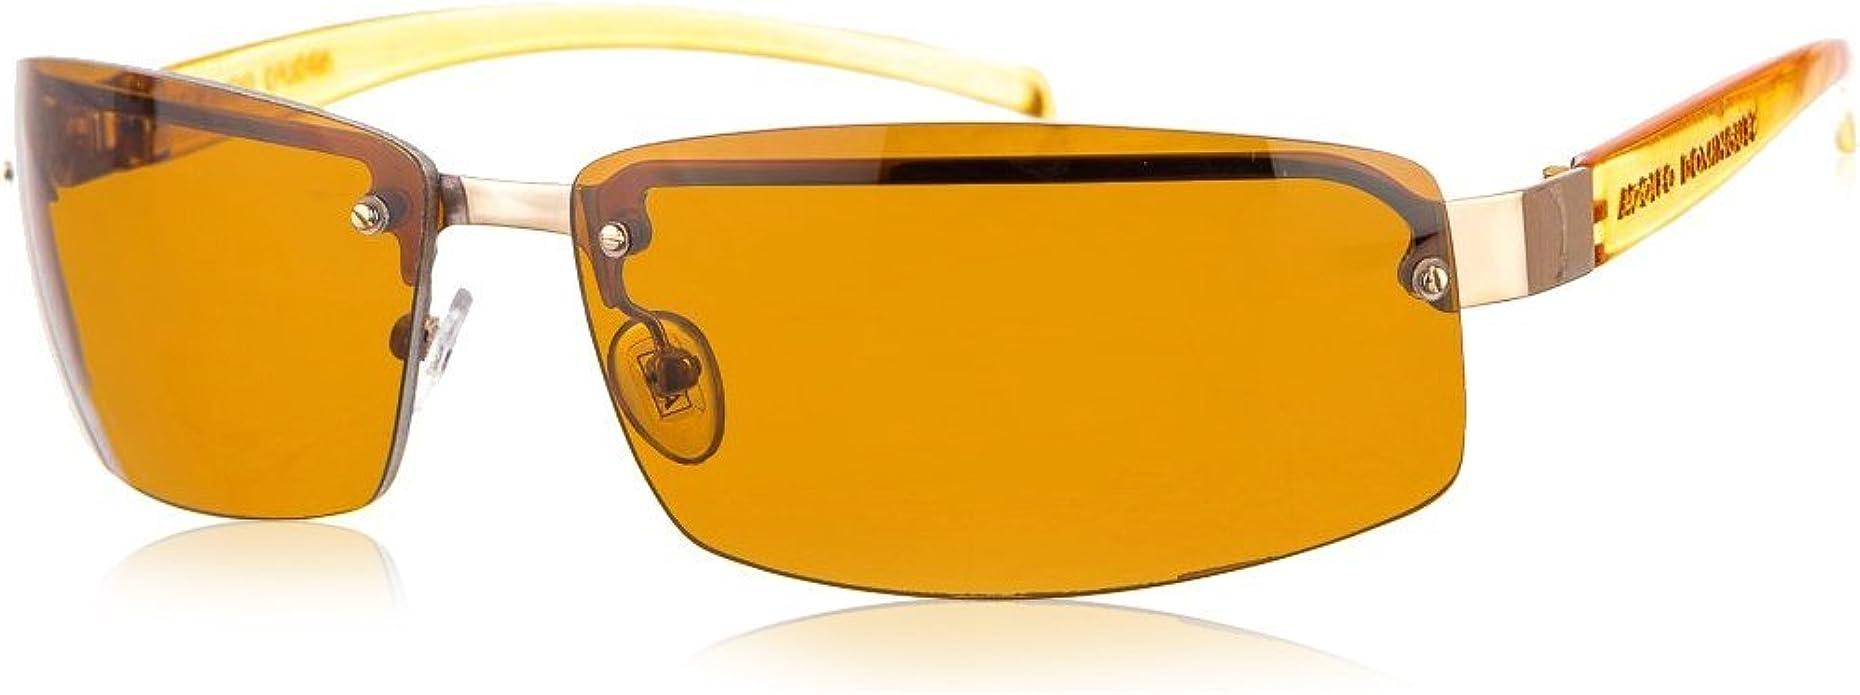 Adolfo Dominguez Gafas de Sol AD14008-101 (68 mm) Plata/Naranja: Amazon.es: Zapatos y complementos